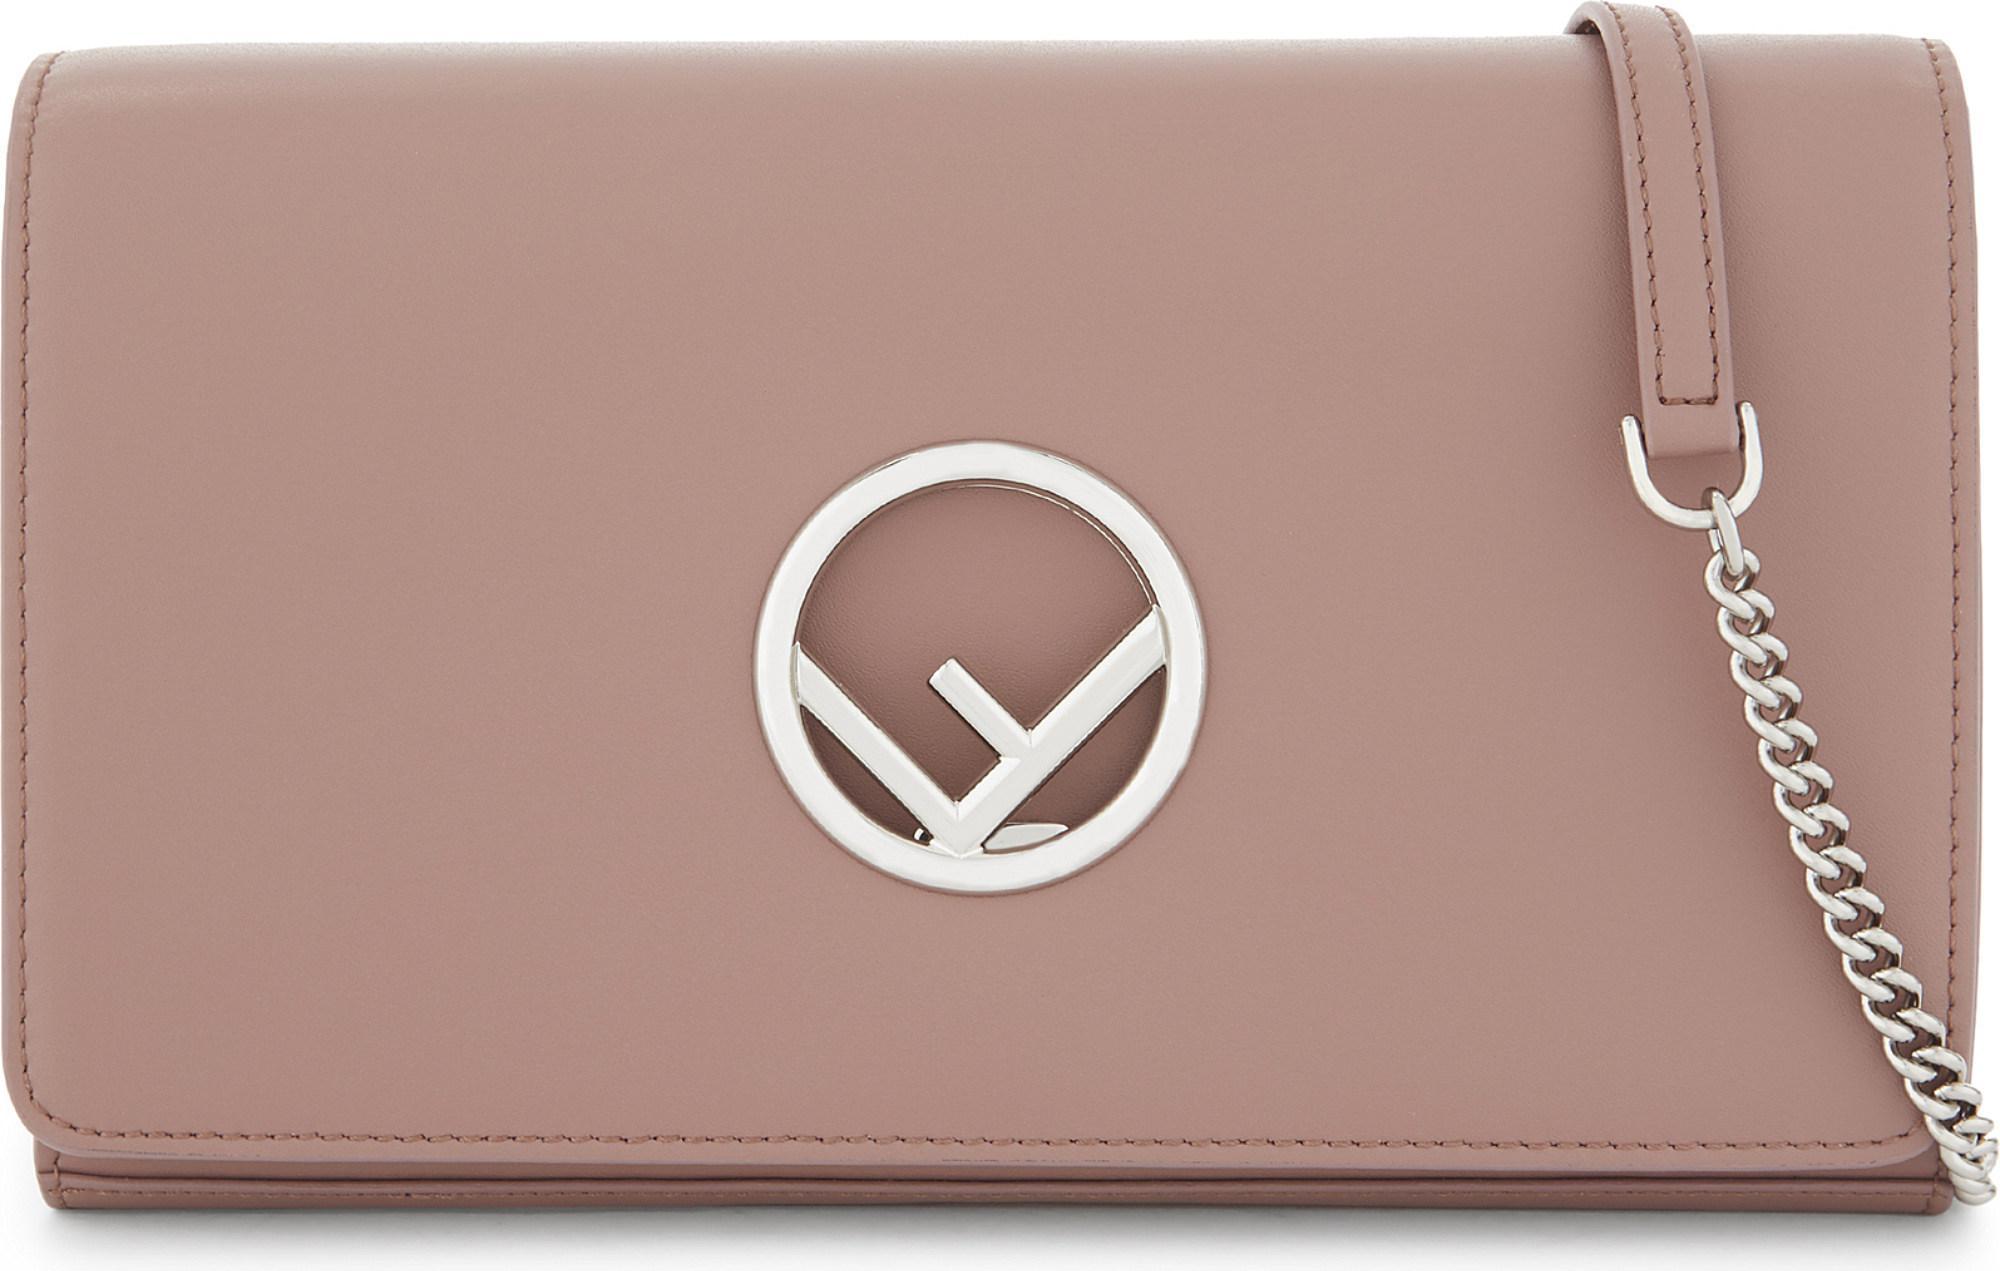 874e1f51b04d Lyst - Fendi Logo Leather Clutch in Pink